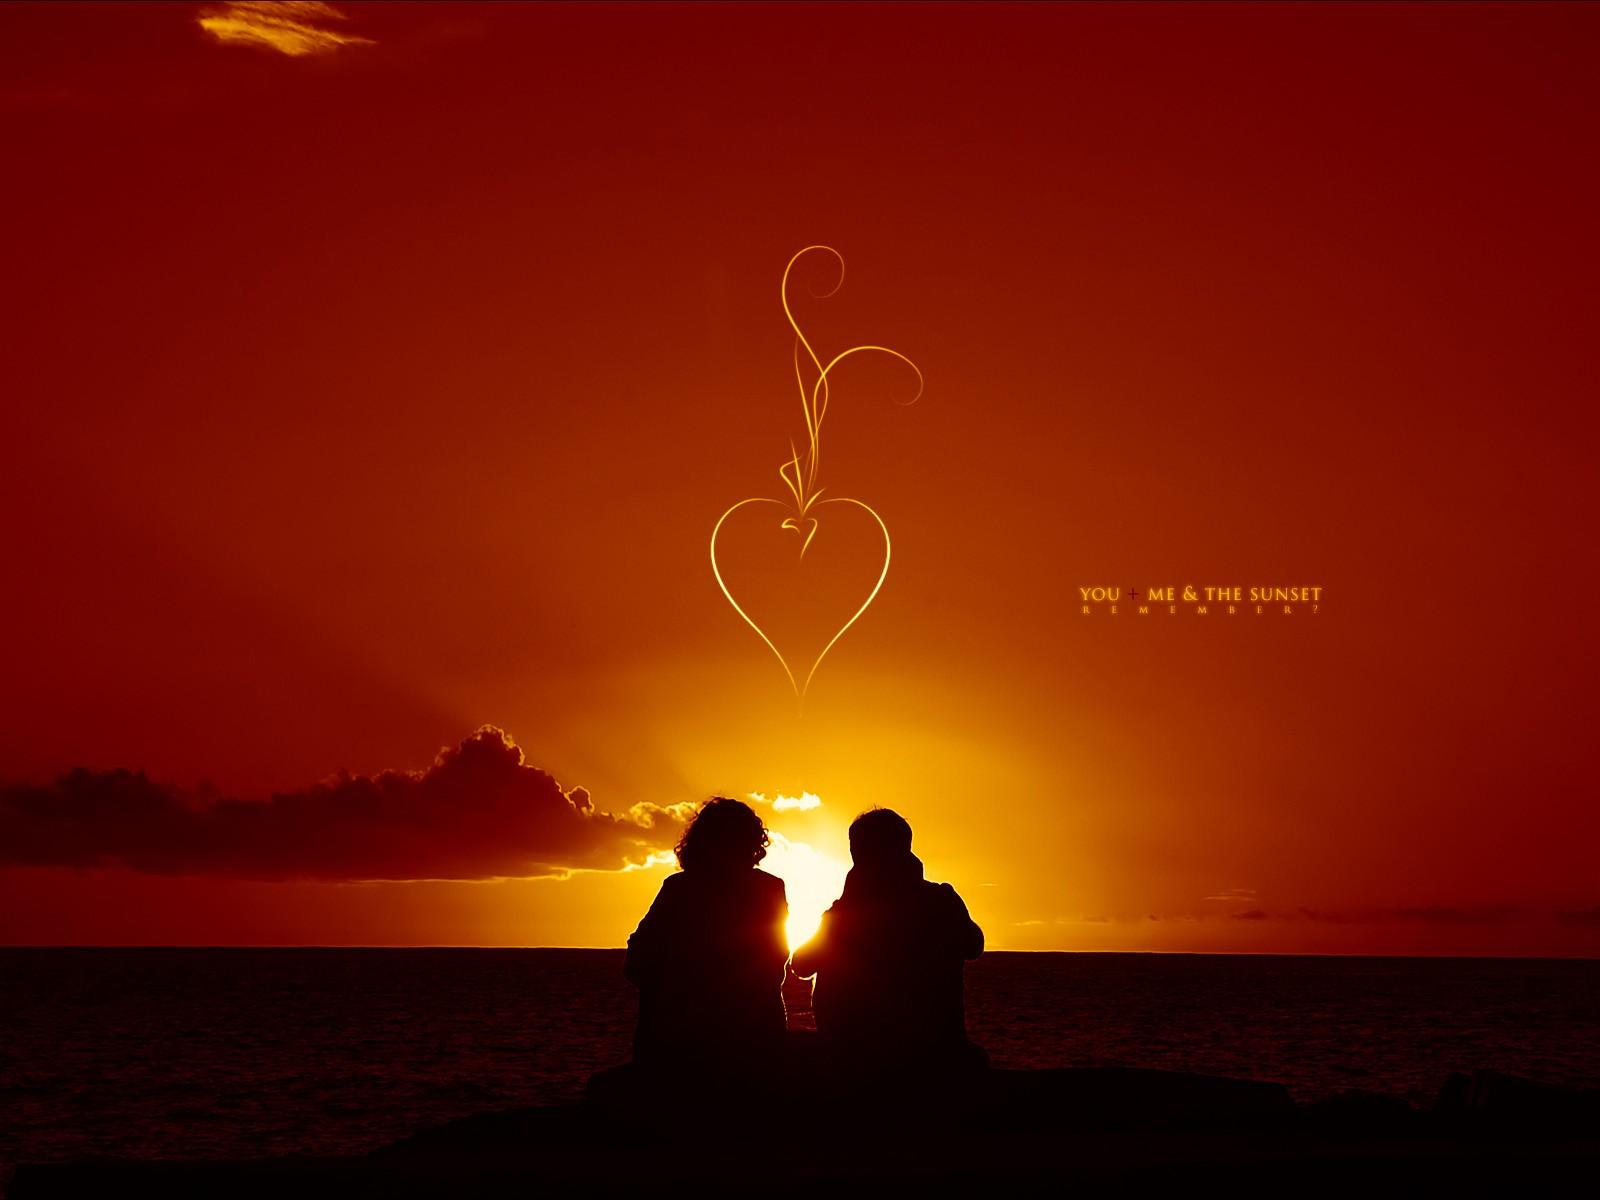 http://3.bp.blogspot.com/-OoyWaxvmKFE/UB33zTyU7mI/AAAAAAAACN4/fwLs6KlrWzA/s1600/couple+love+%287%29.jpg